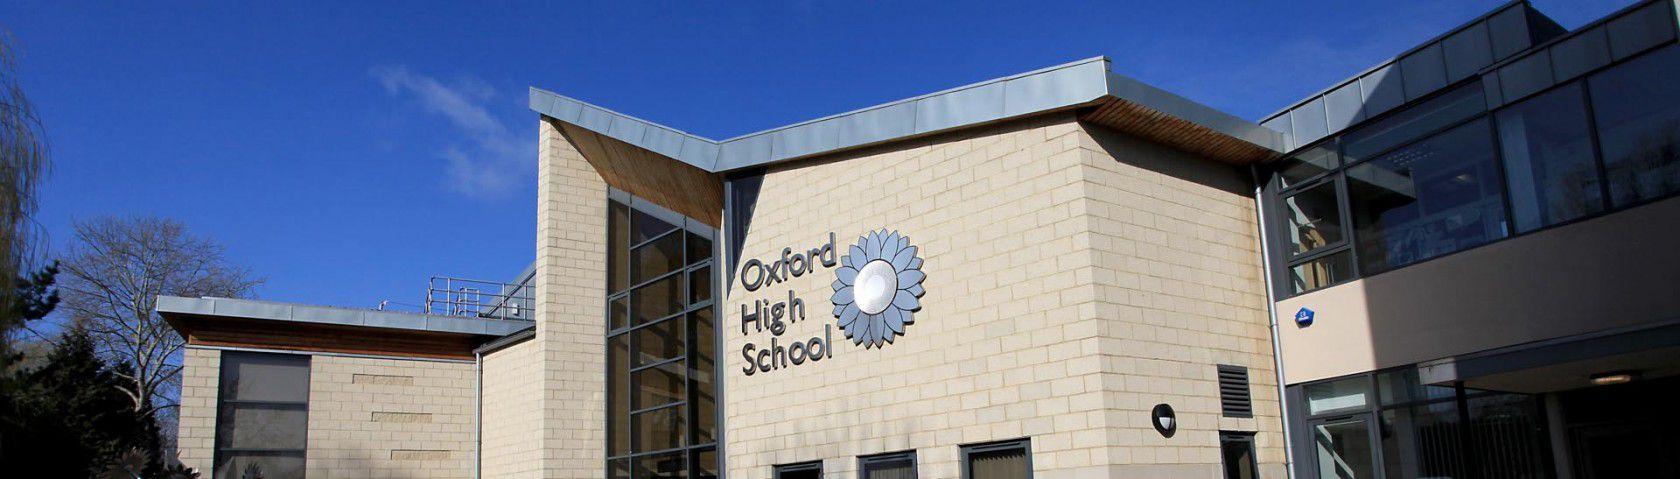 İngiltere Oxford da özel yatılı lise eğitimi ve kampüs